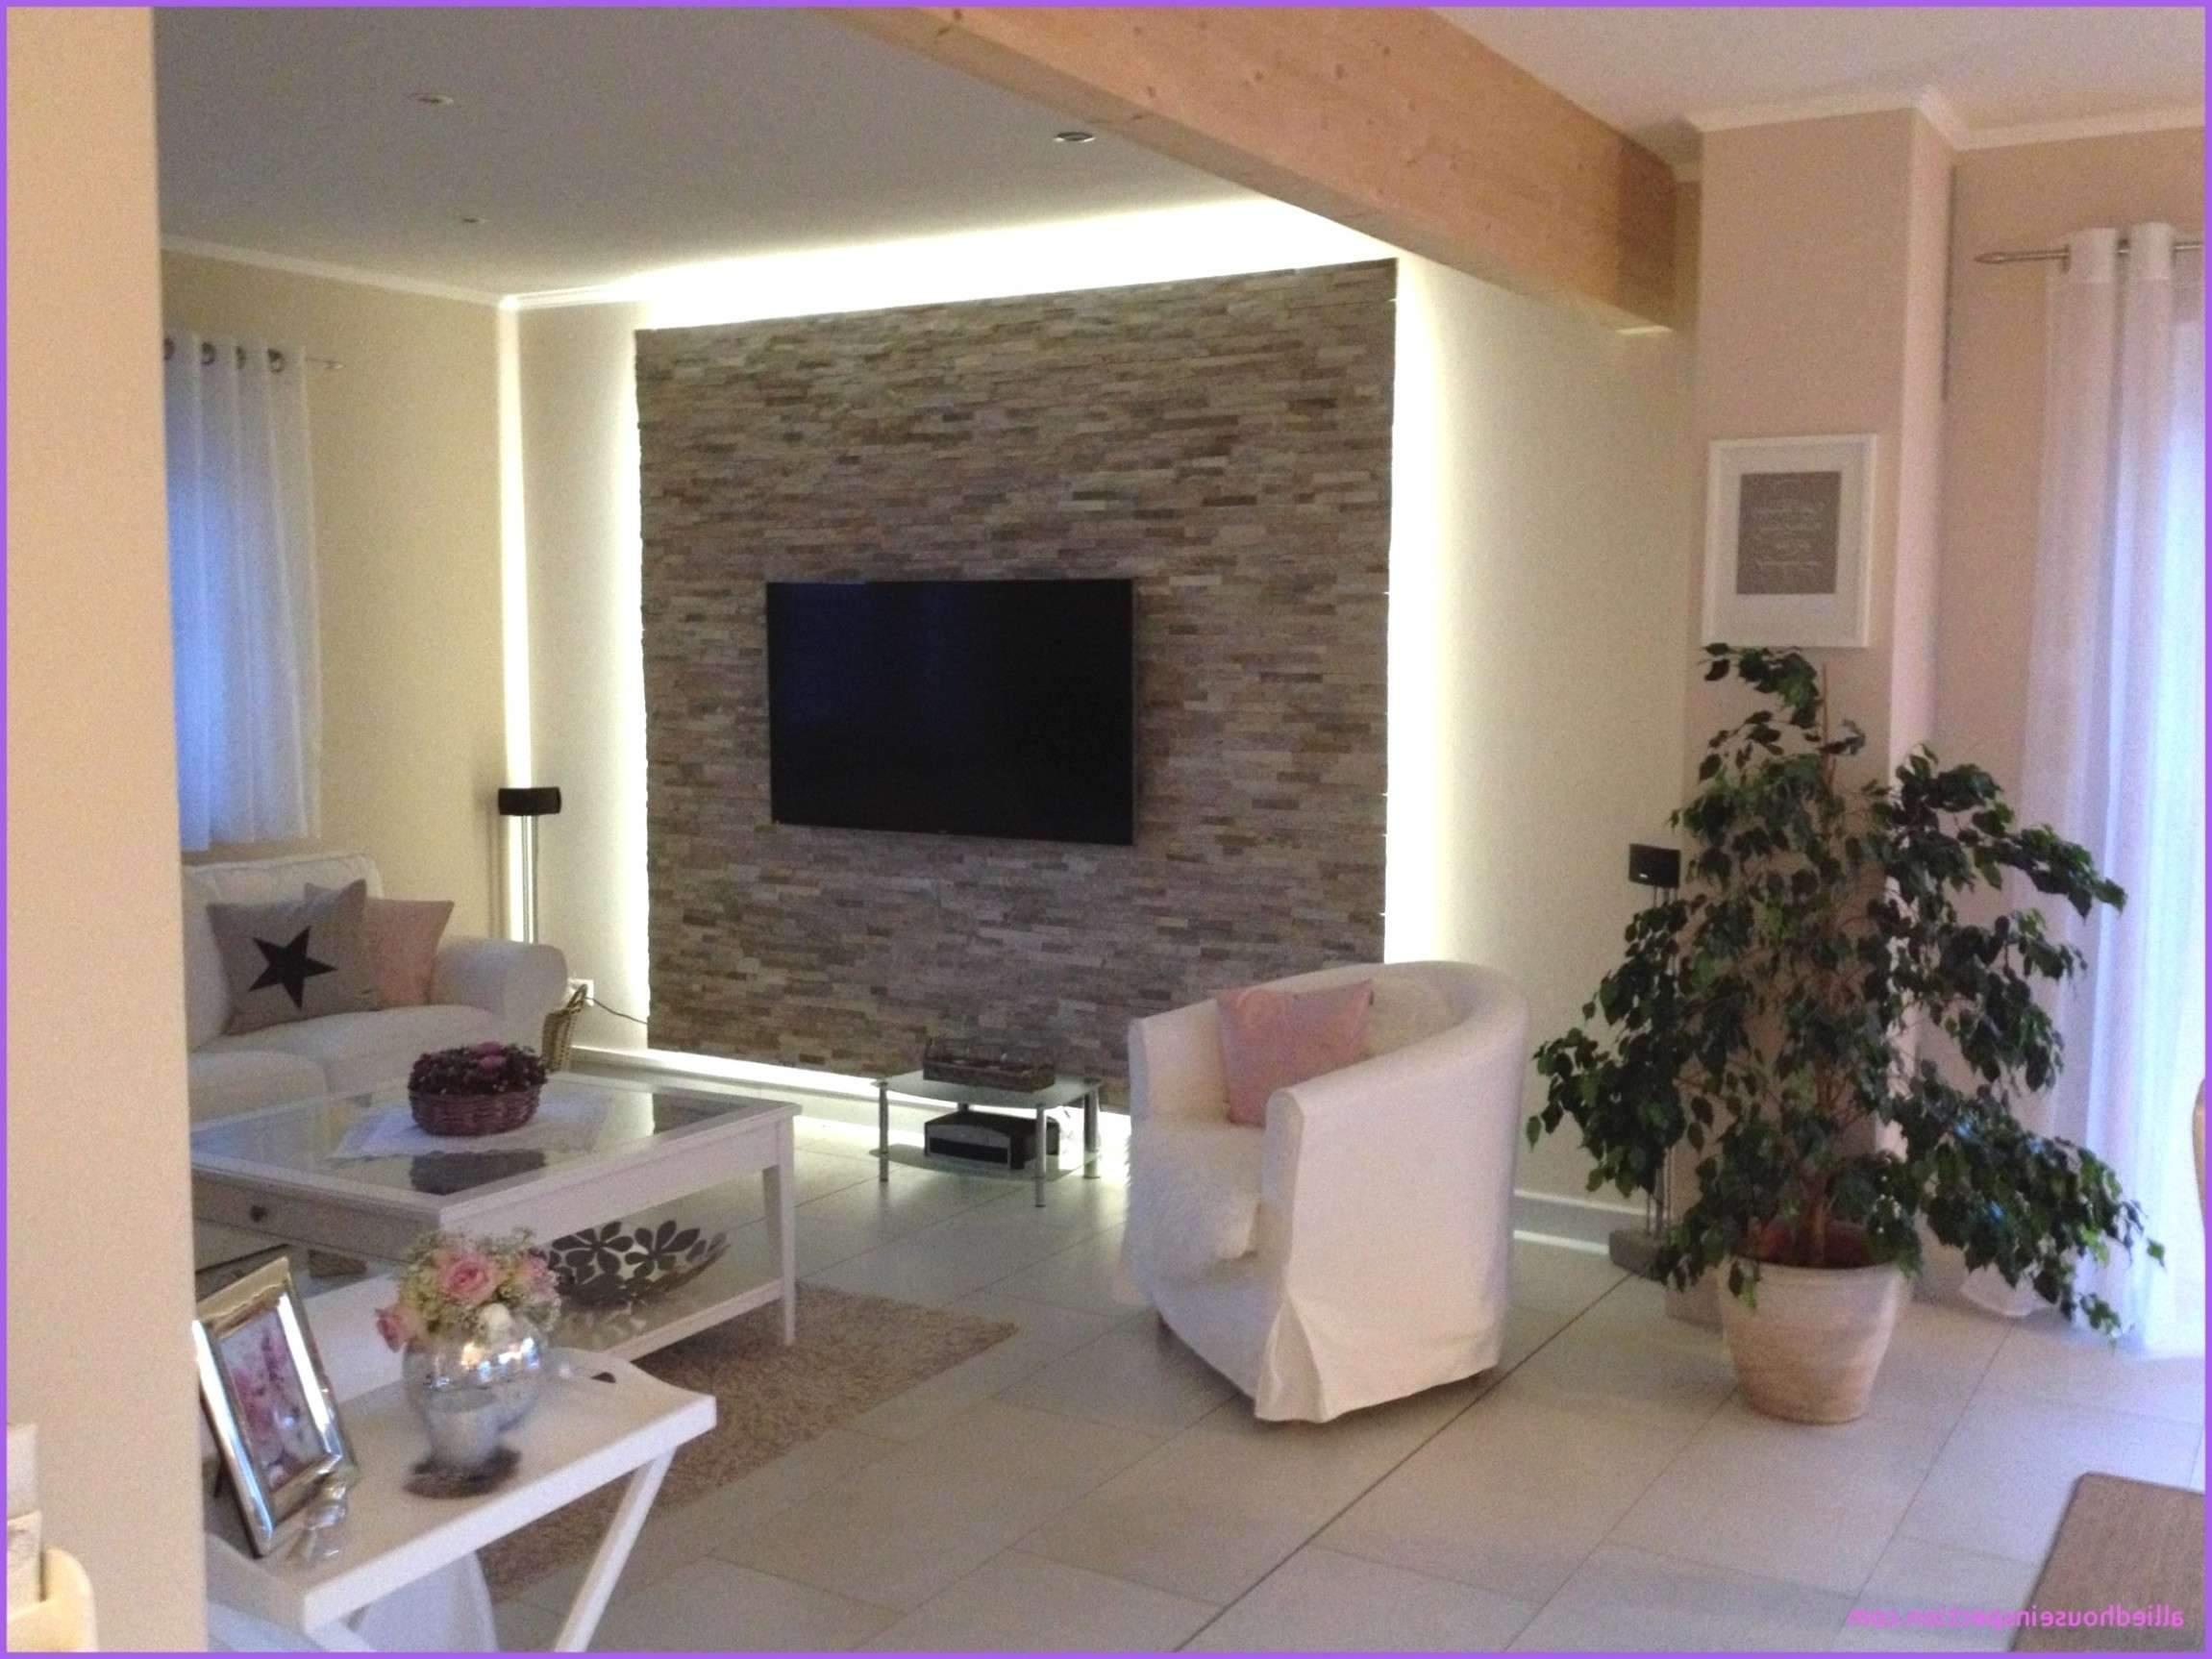 moderne wohnzimmer ideen frisch wohnzimmer design ideen ideen tipps von experten in sem jahr of moderne wohnzimmer ideen